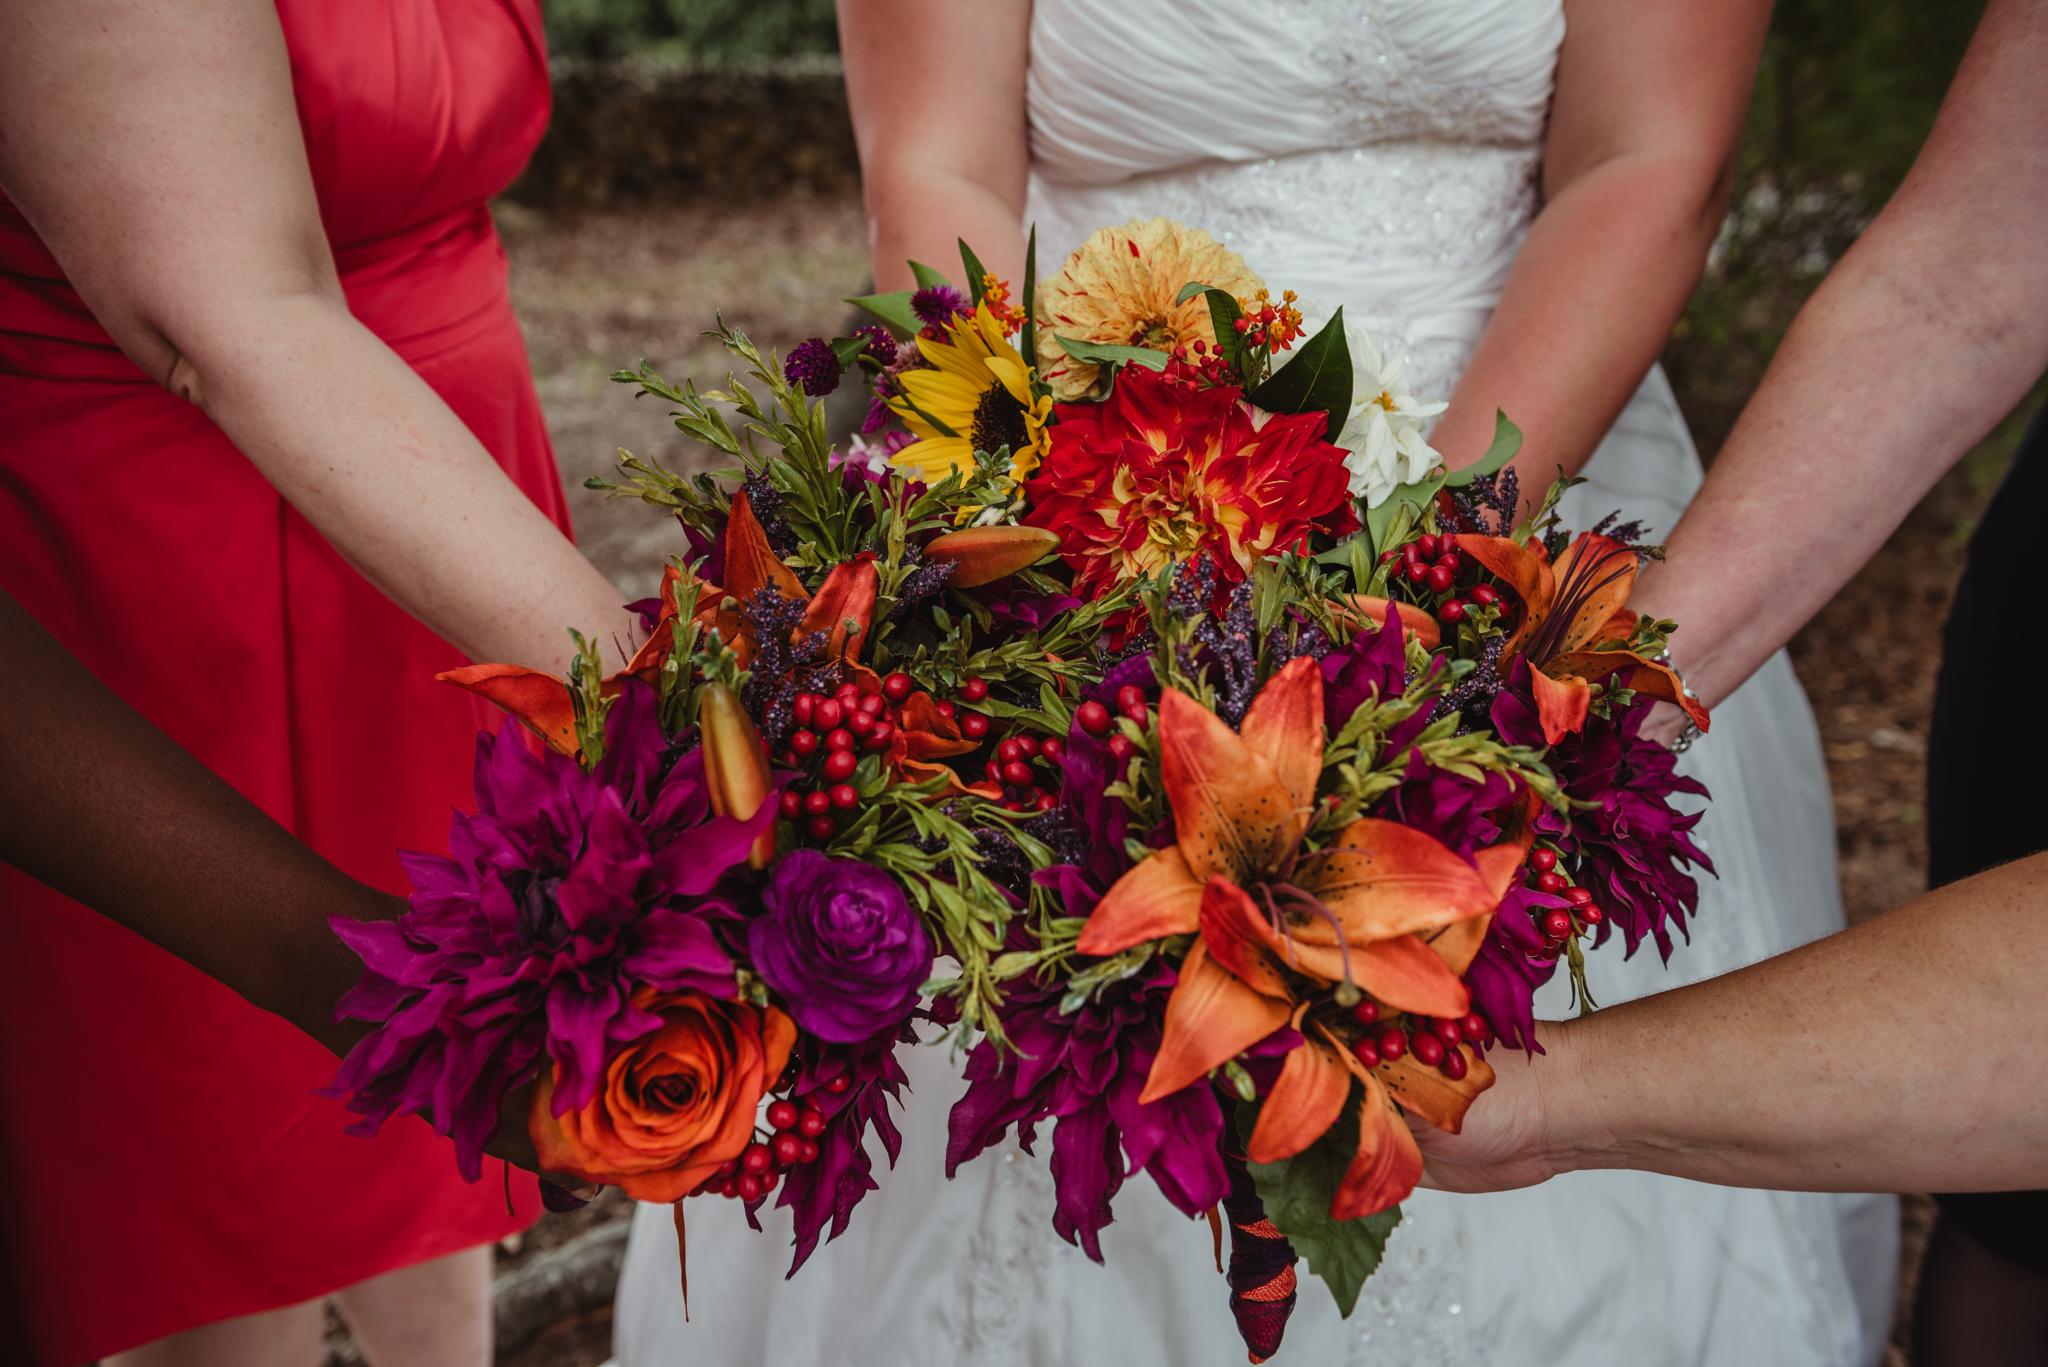 raleigh-wedding-bouquet-bridesmaids-portraits-cd.jpg